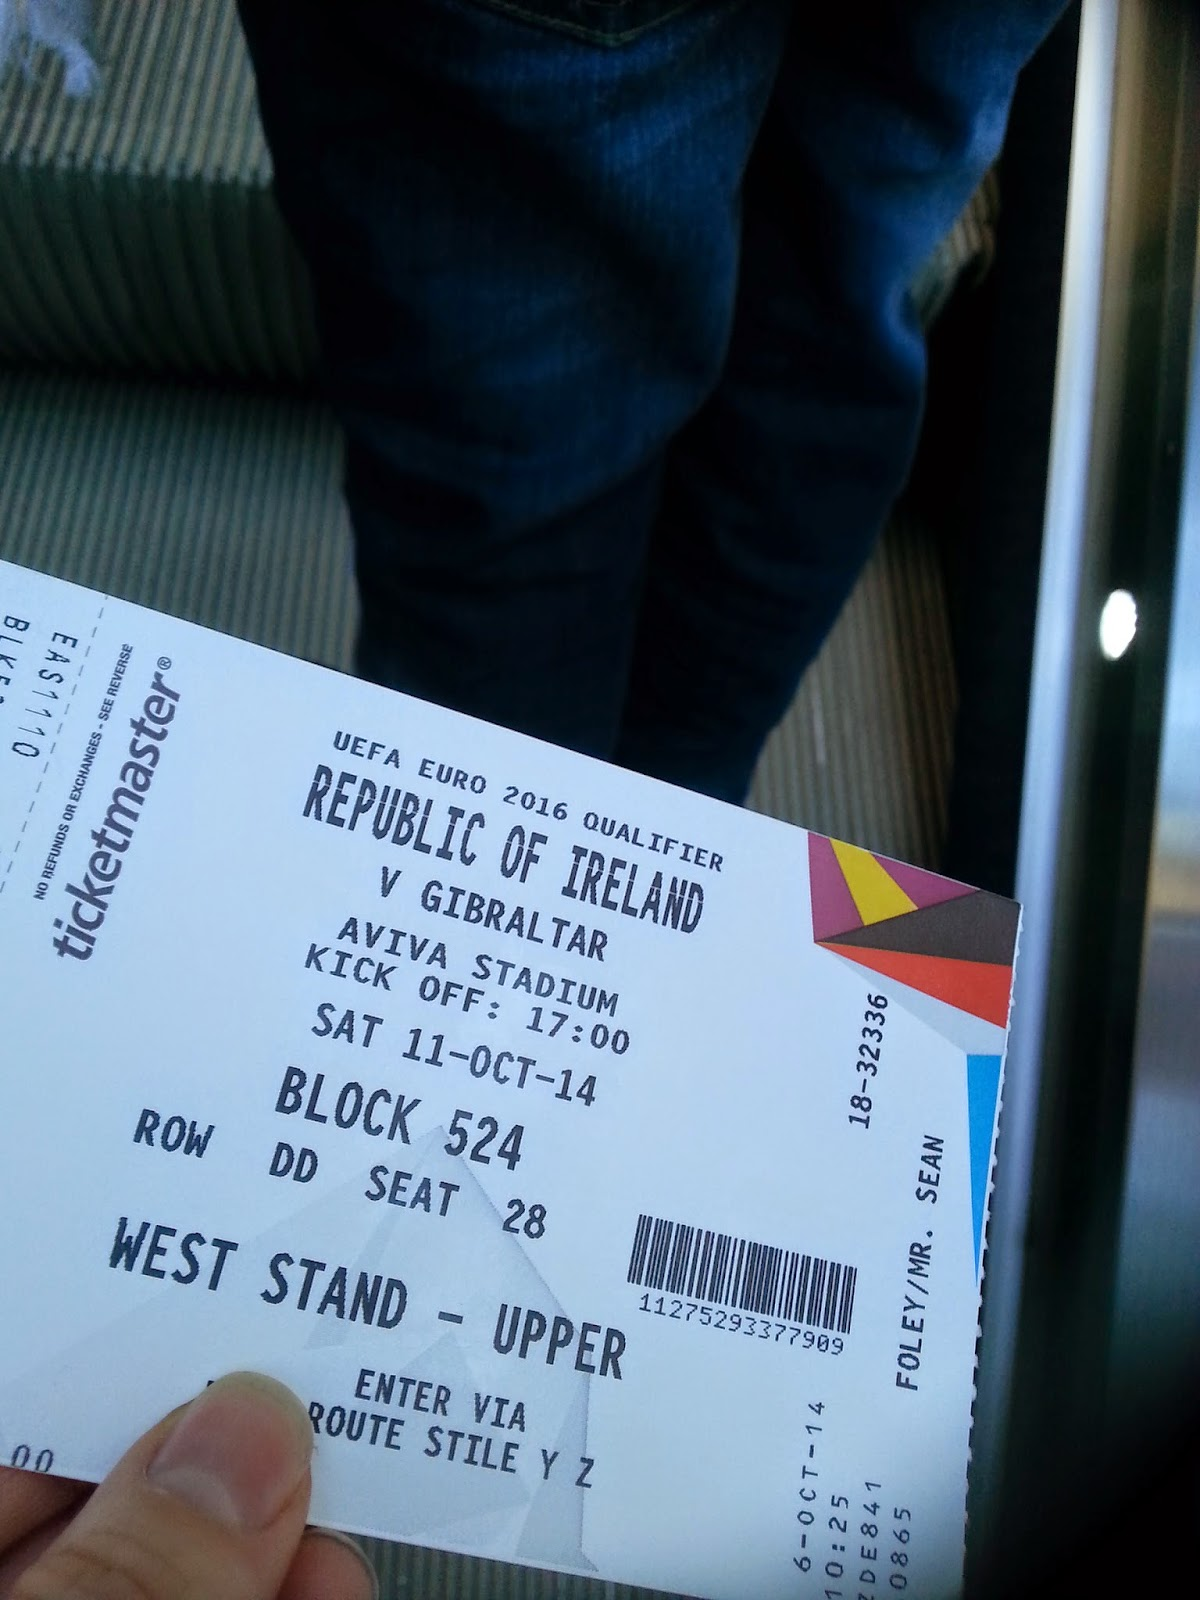 ireland v gibraltar ticket dublin aviva stadium